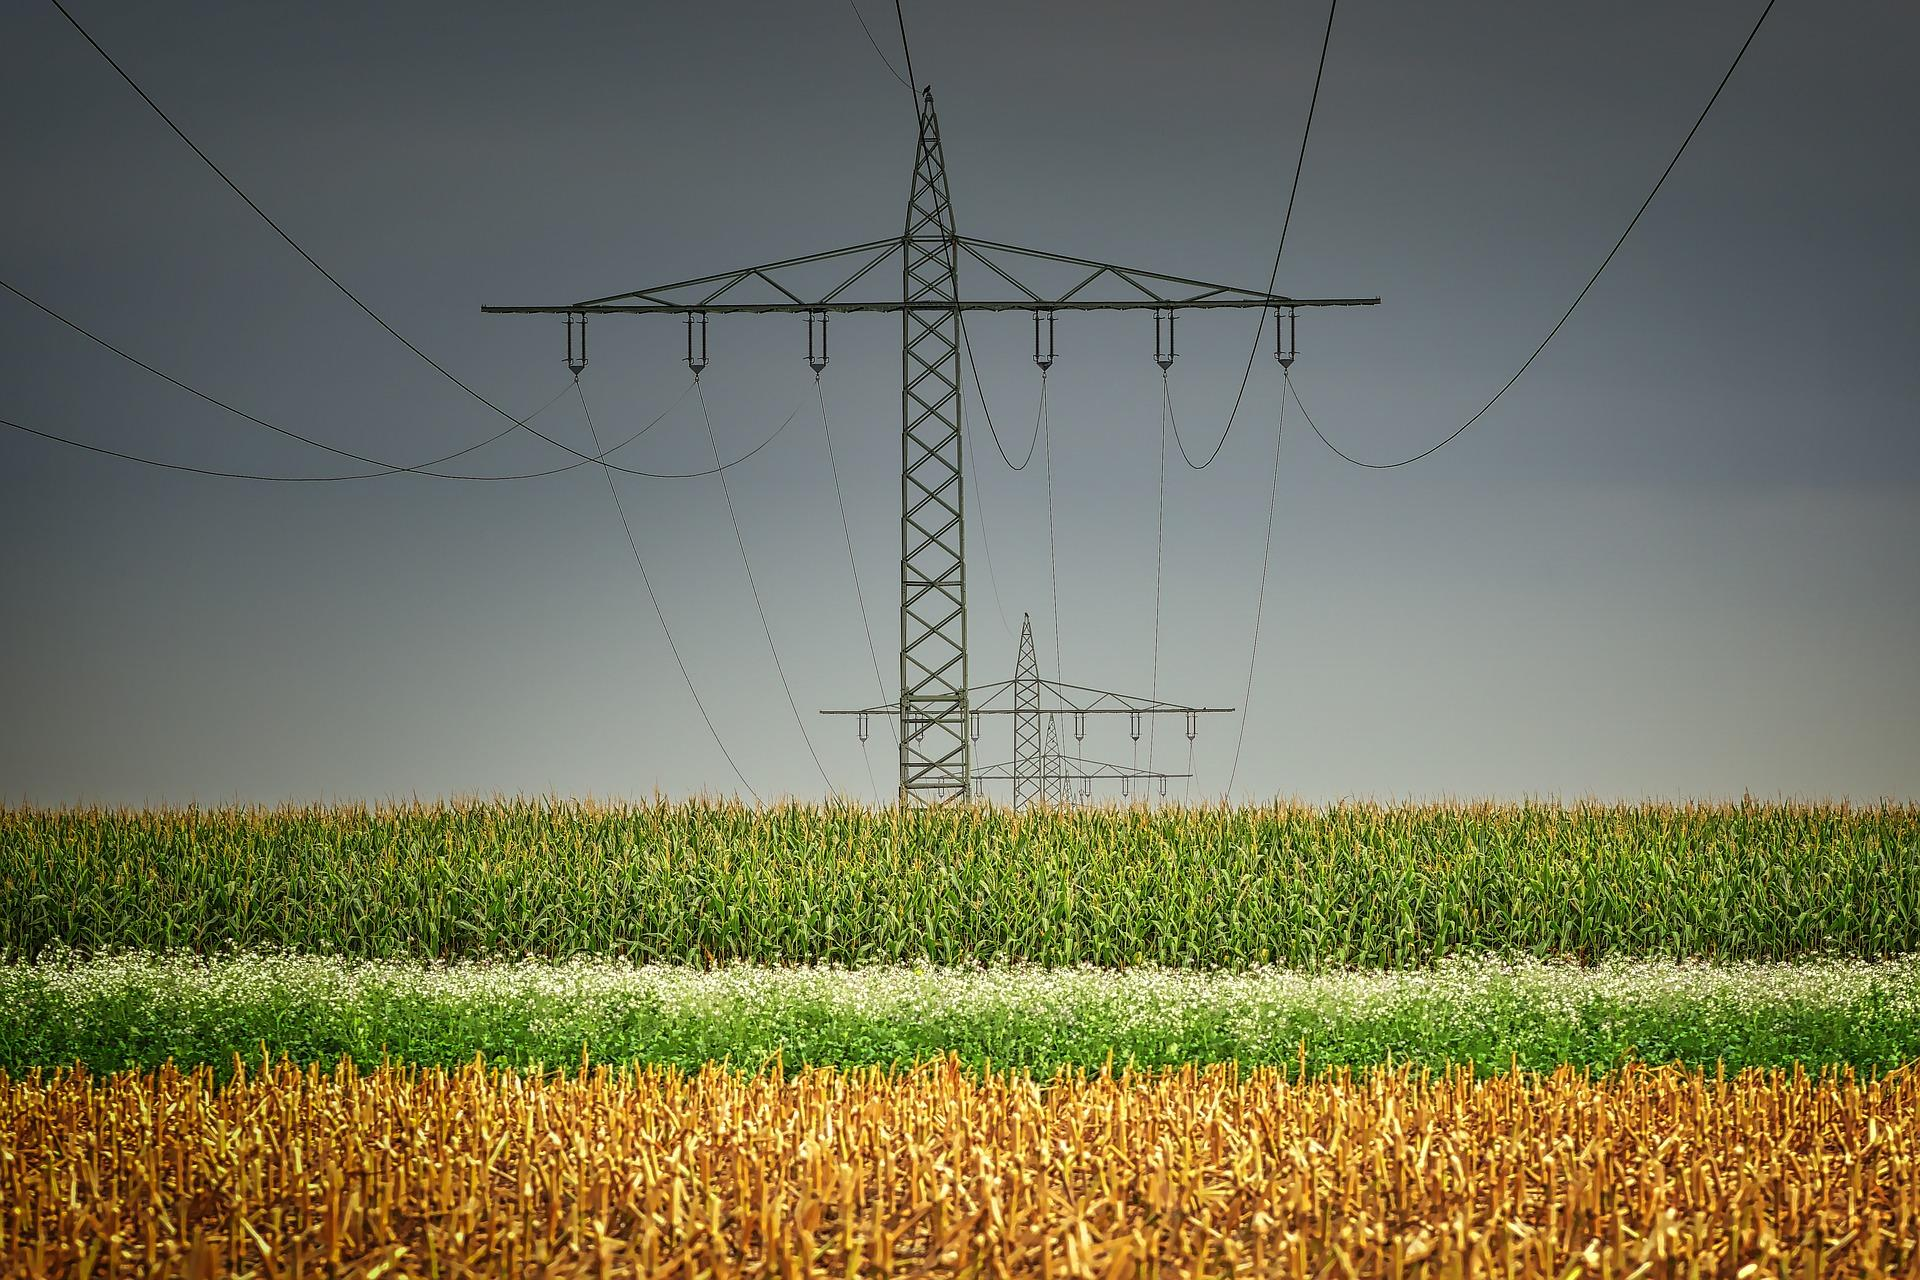 Erweiterungs- und Umstrukturierungsmaßnahmen am Stromnetz